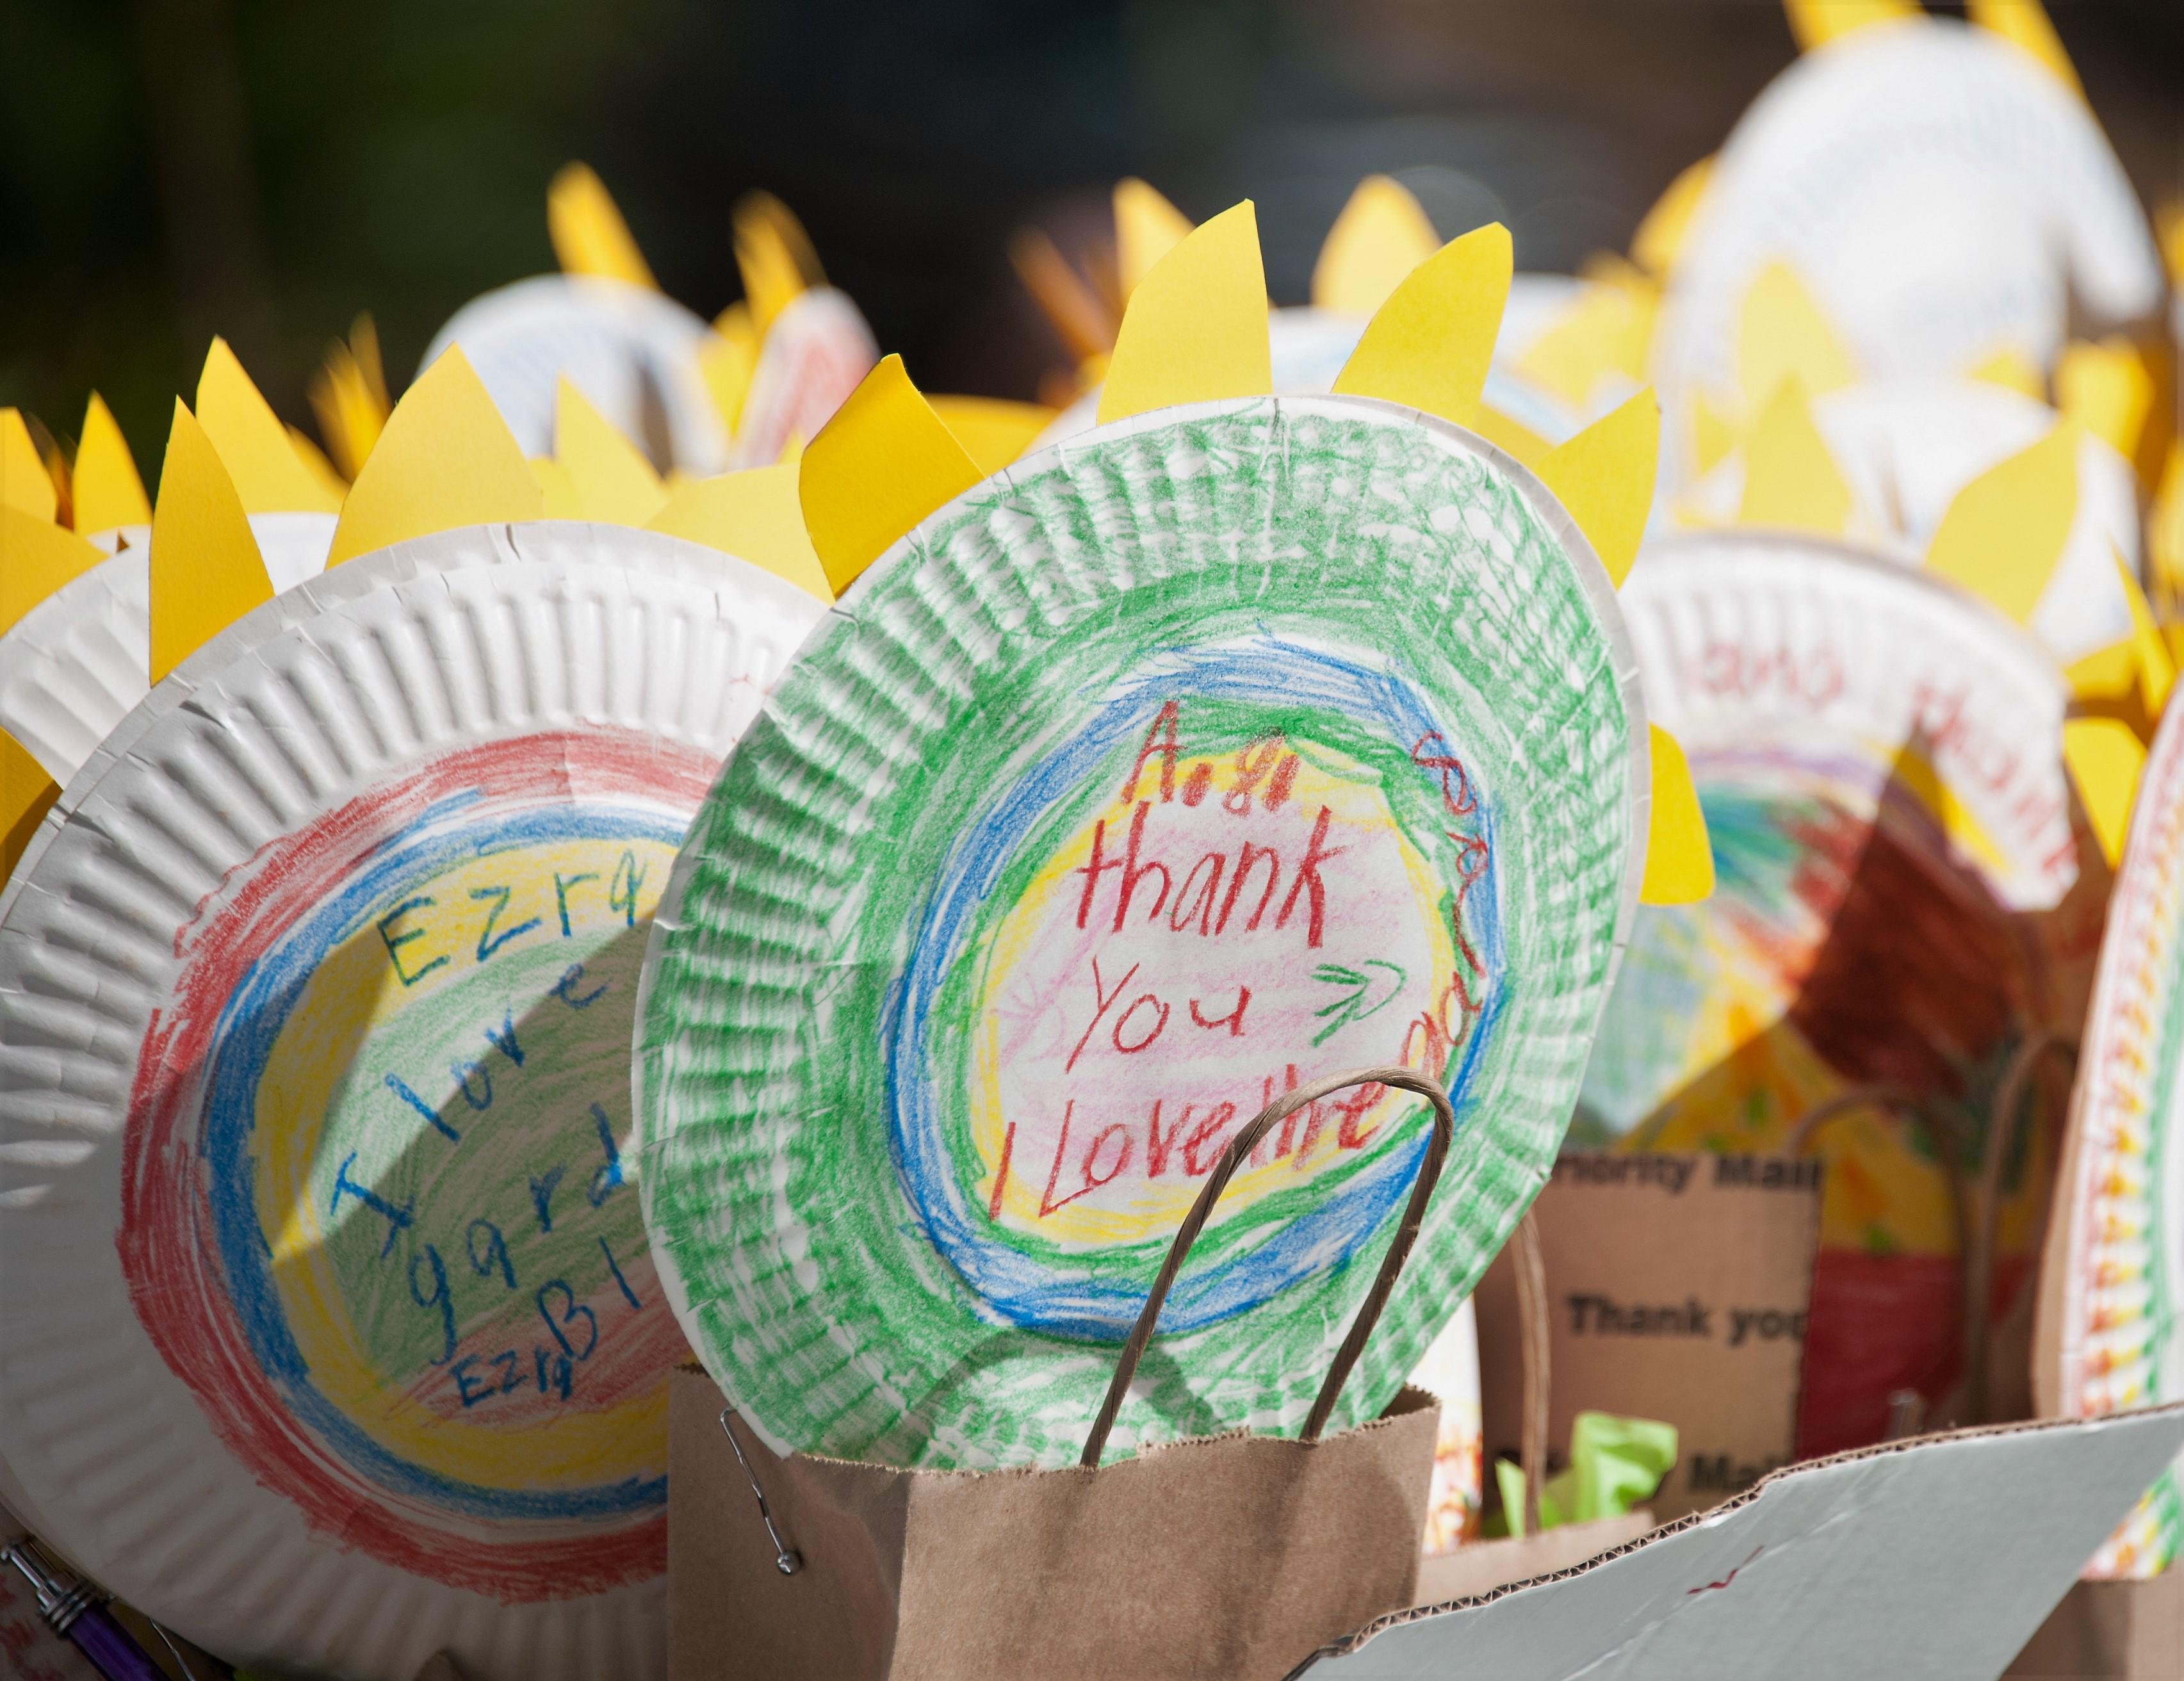 Mahalo Taste of School Gardens 2017 Sponsors